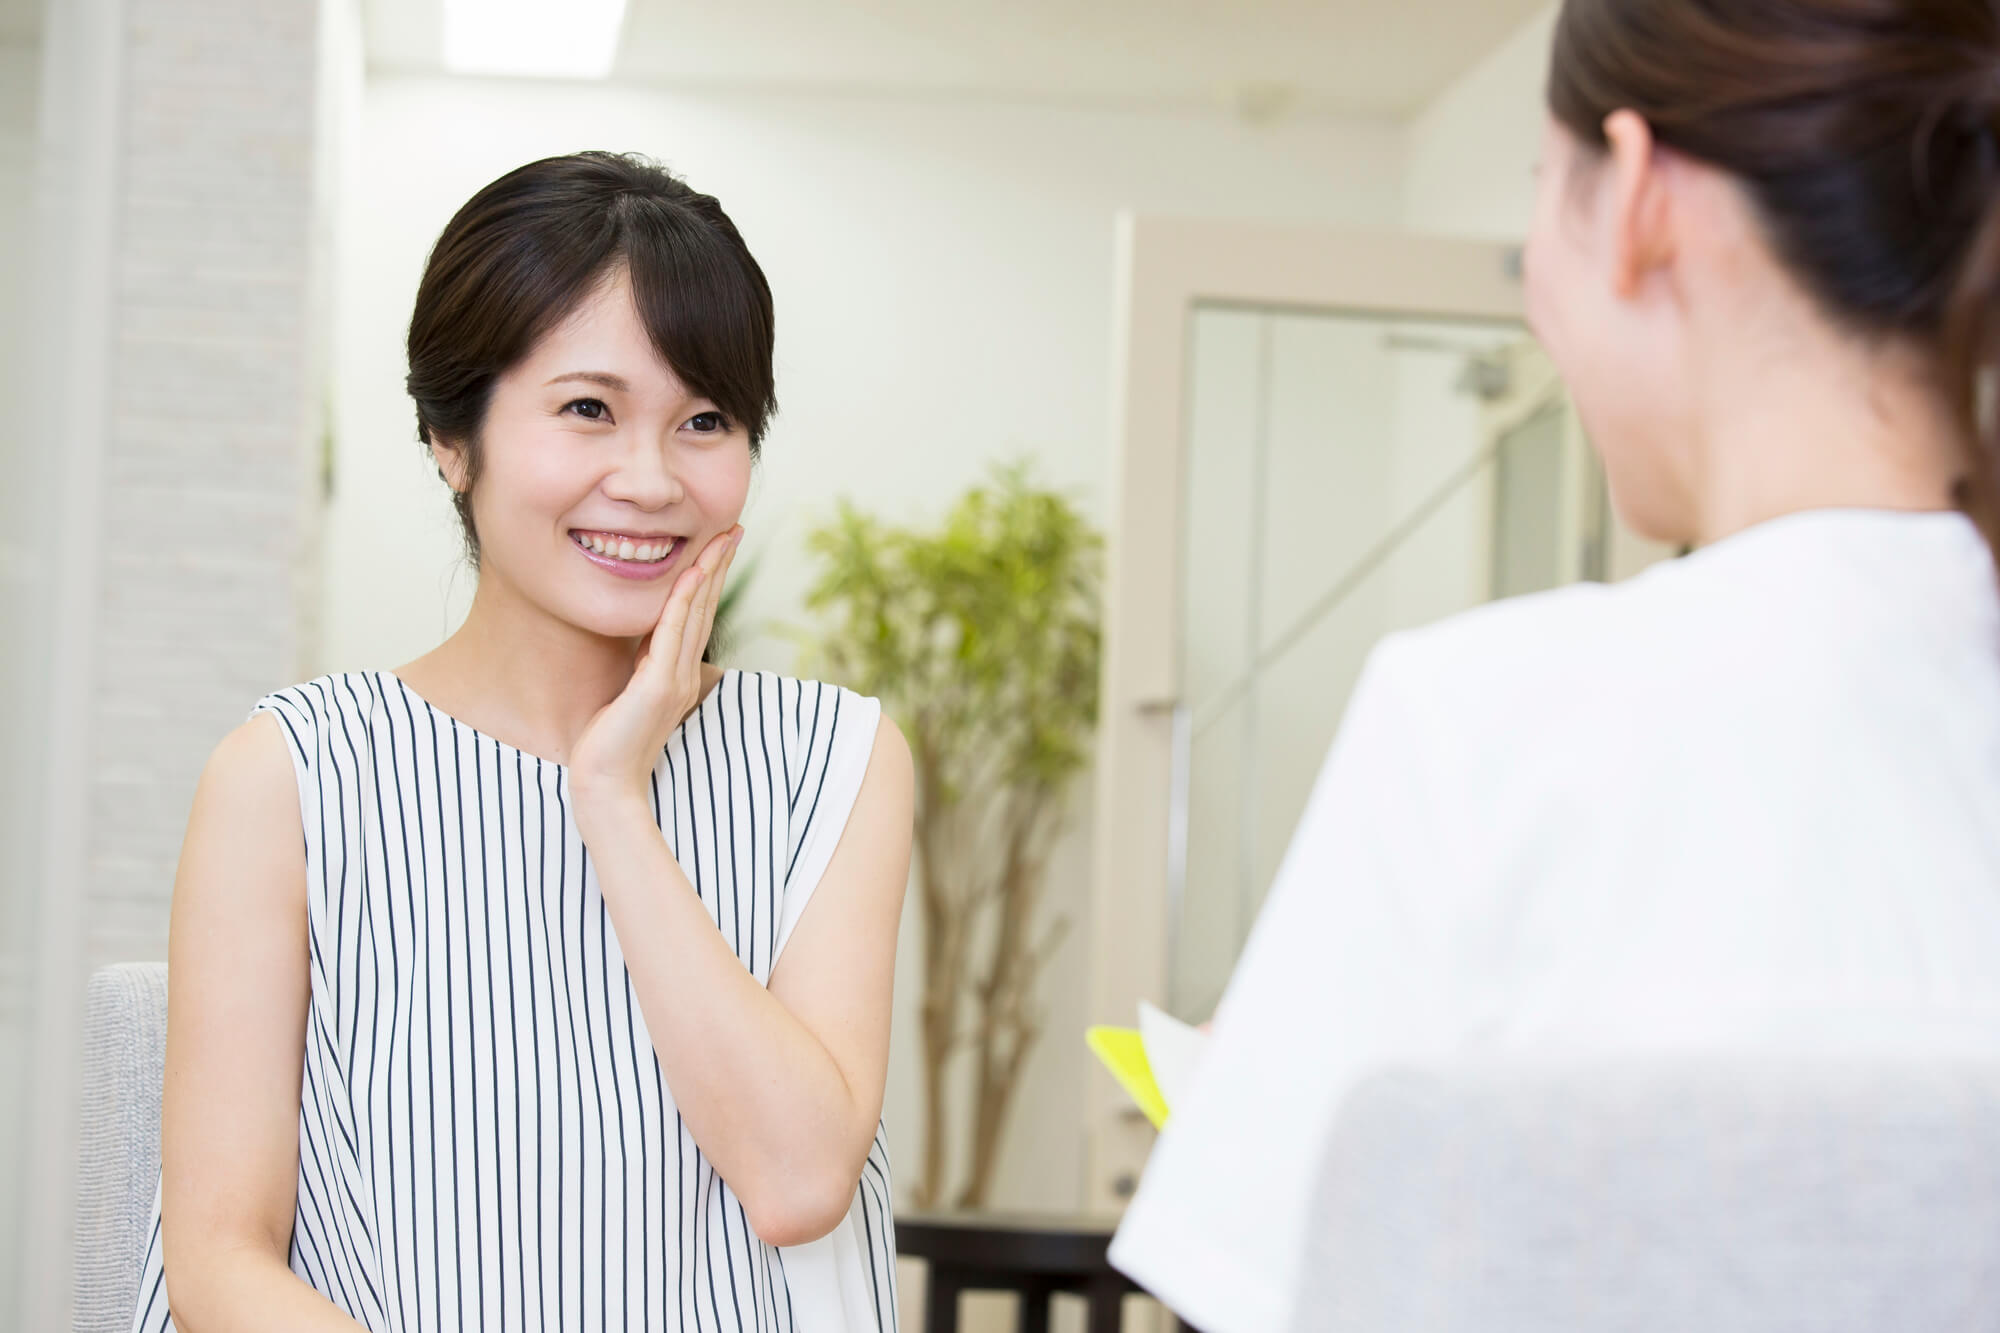 女性カウンセラーと対面して相談をしている女性クライアント